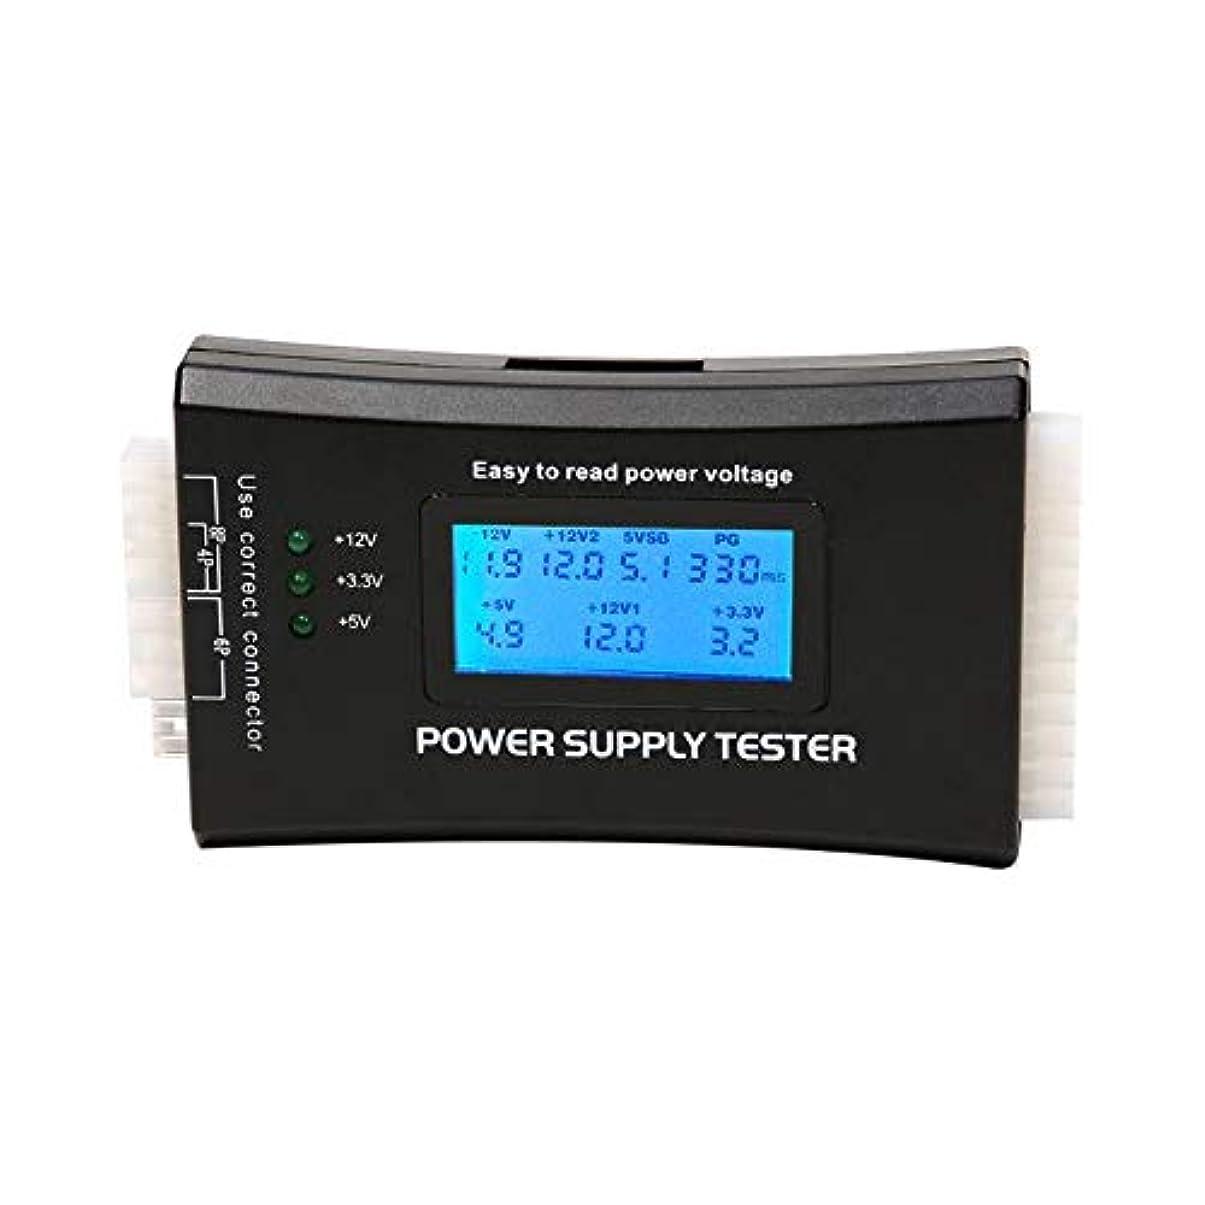 フィードドメインかなりデジタル液晶ディスプレイ PC コンピュータ 20/24 ピン電源テスターチェッカー電力測定診断テスター測定ツール